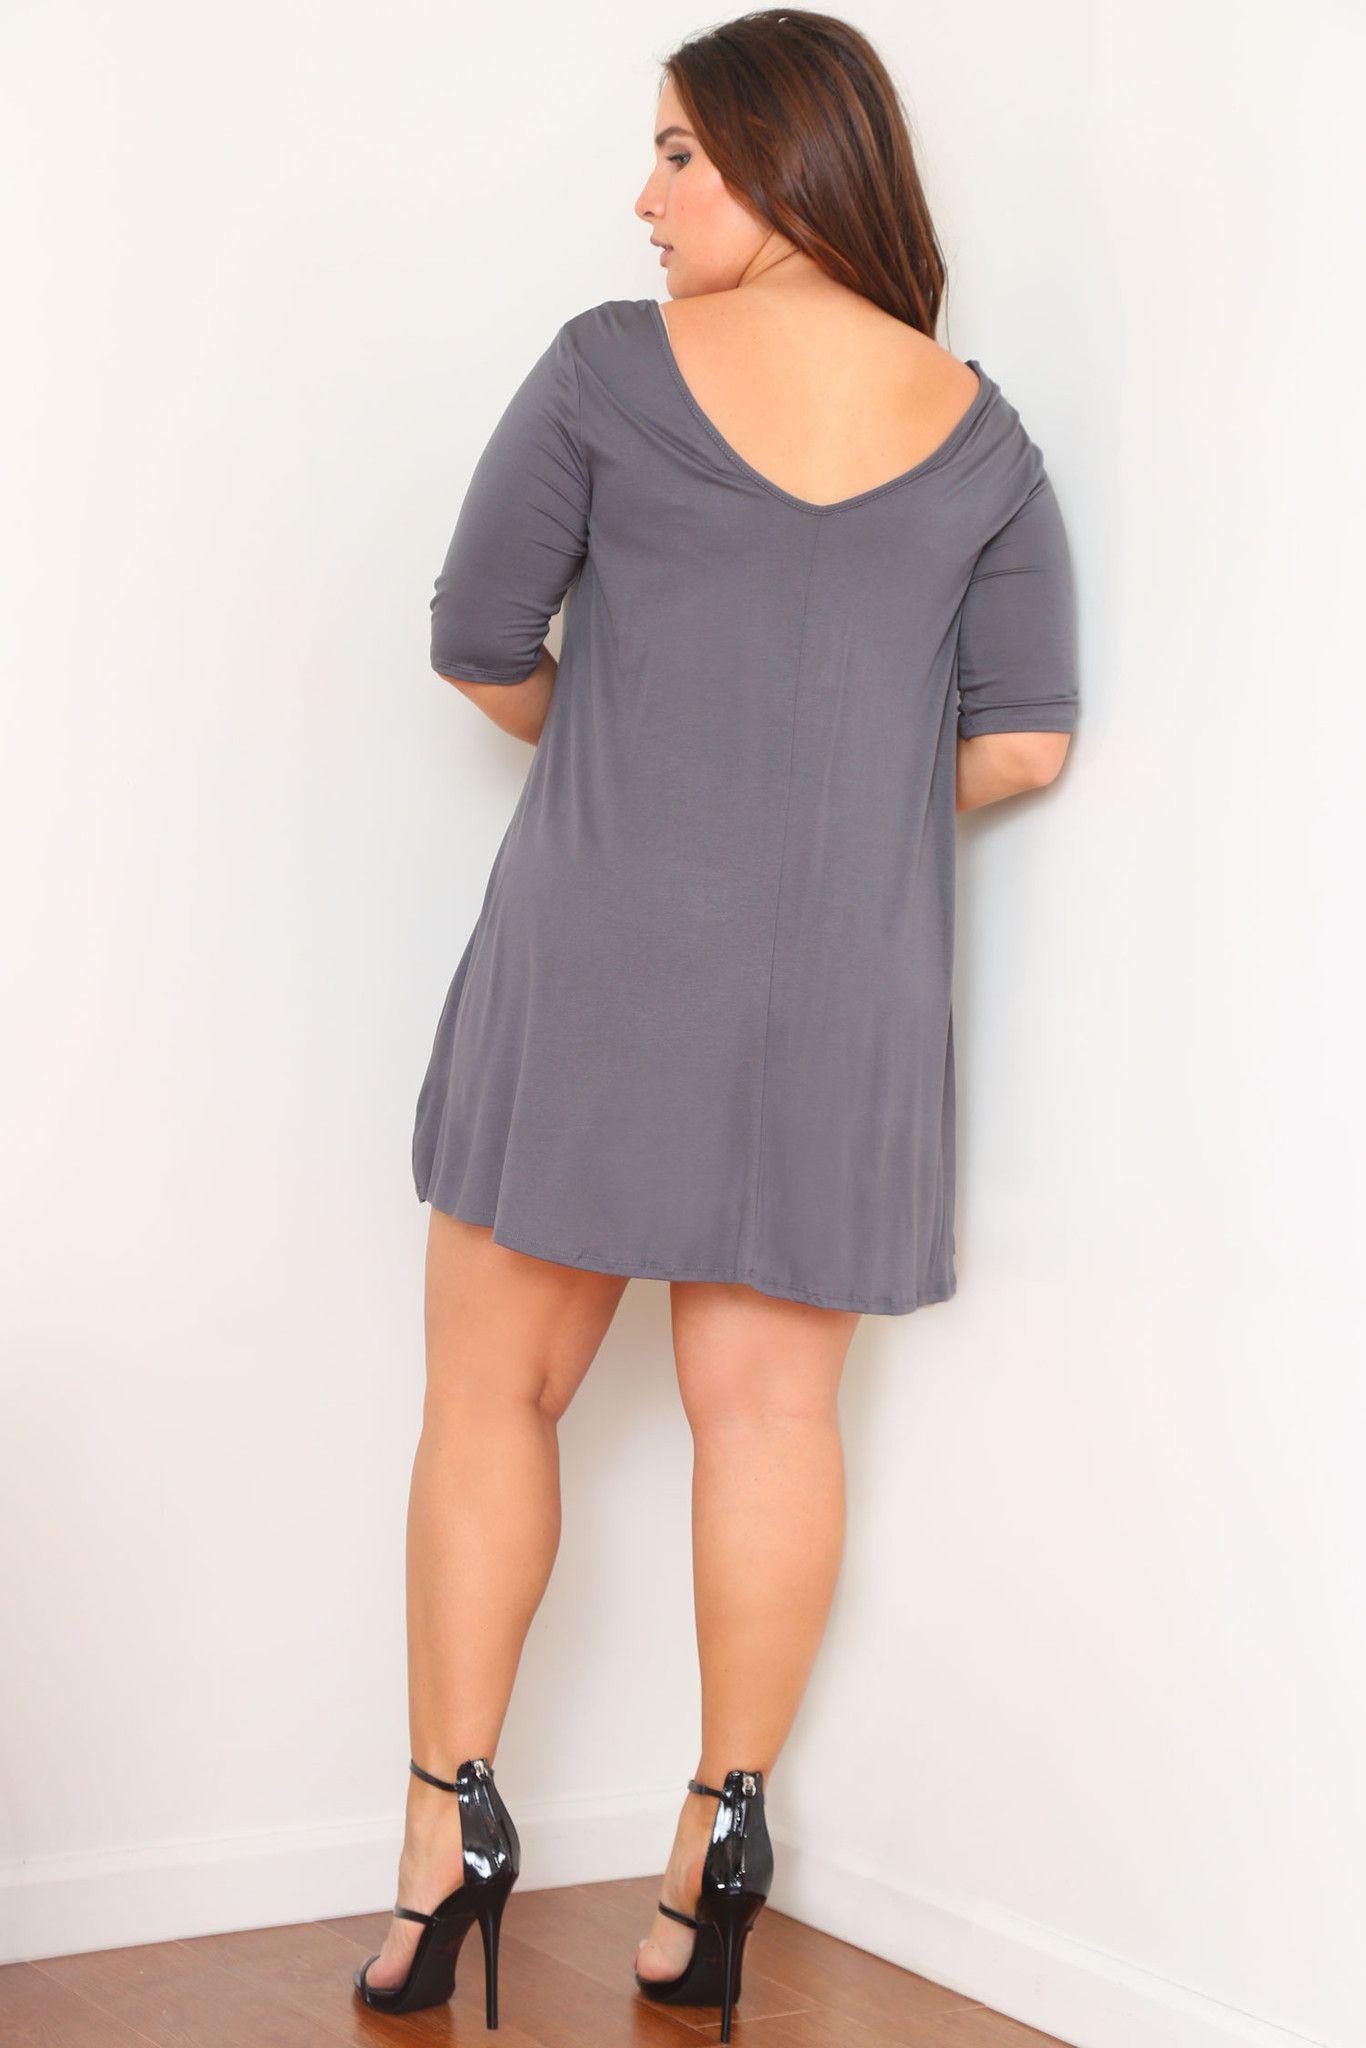 IMG_9314 Cold shoulder dress, Fashion, Model